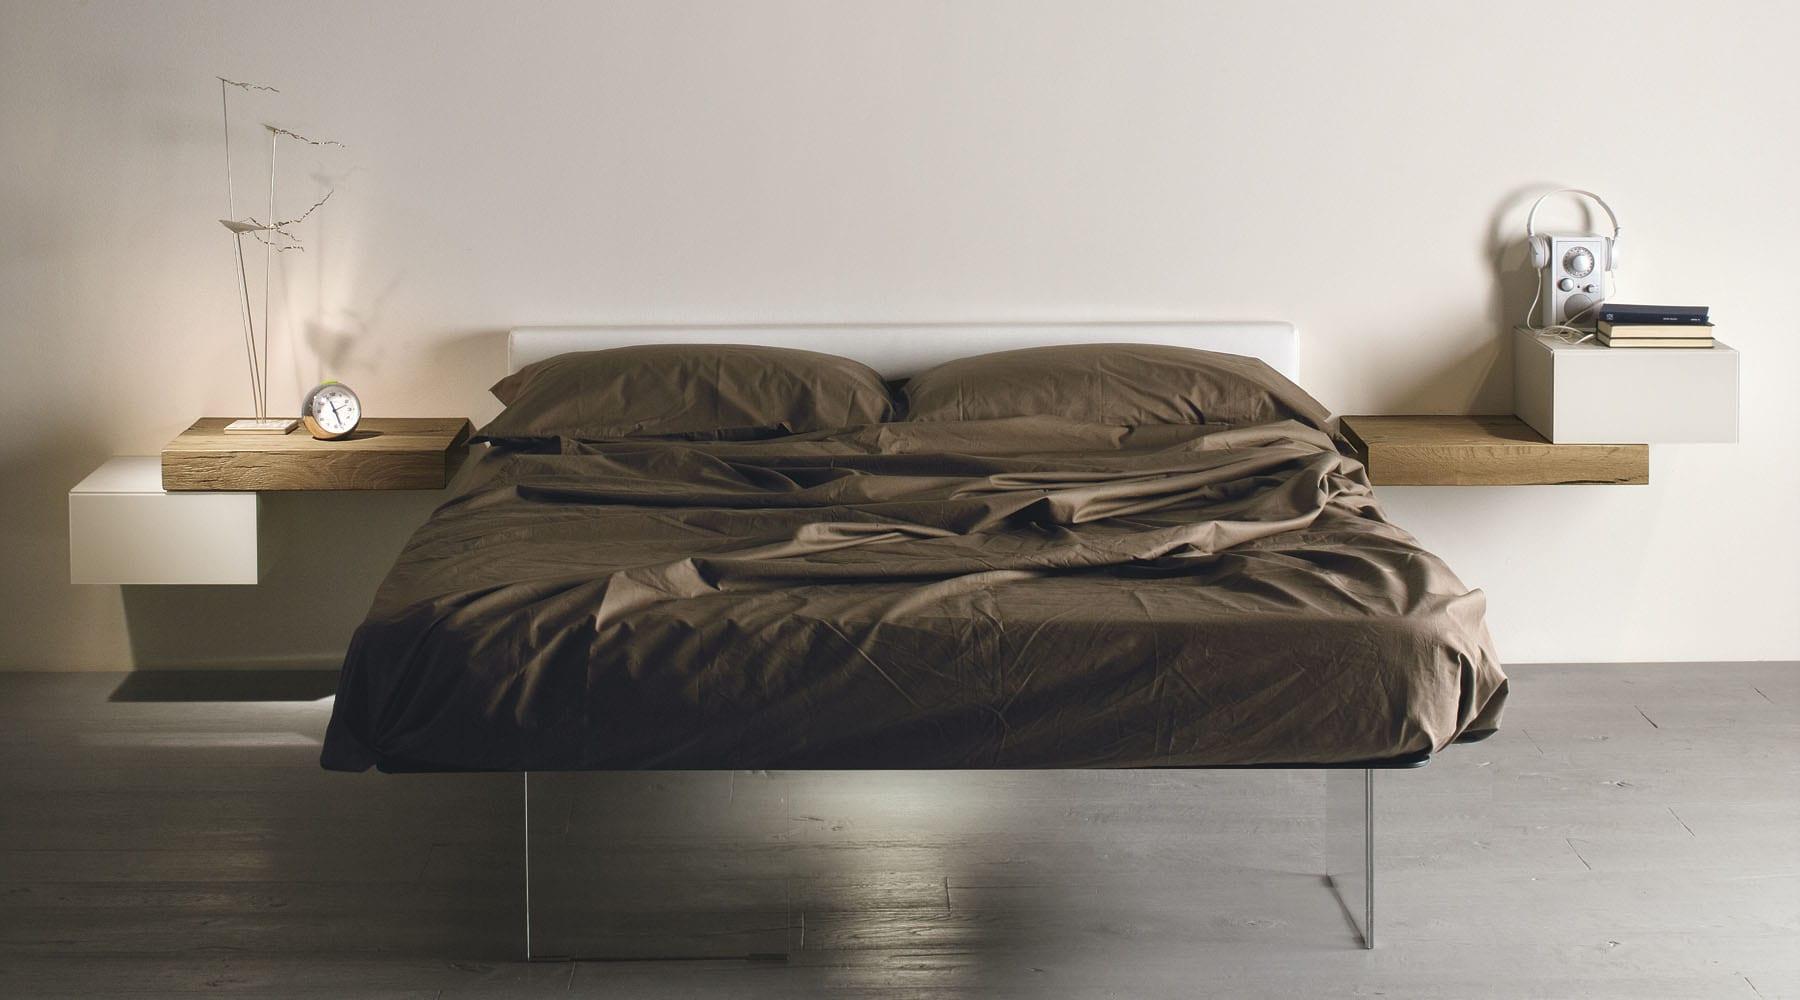 moderne Schlafzimmer Gestaltung mit wandregalen aus Holz als moderne Nachttische